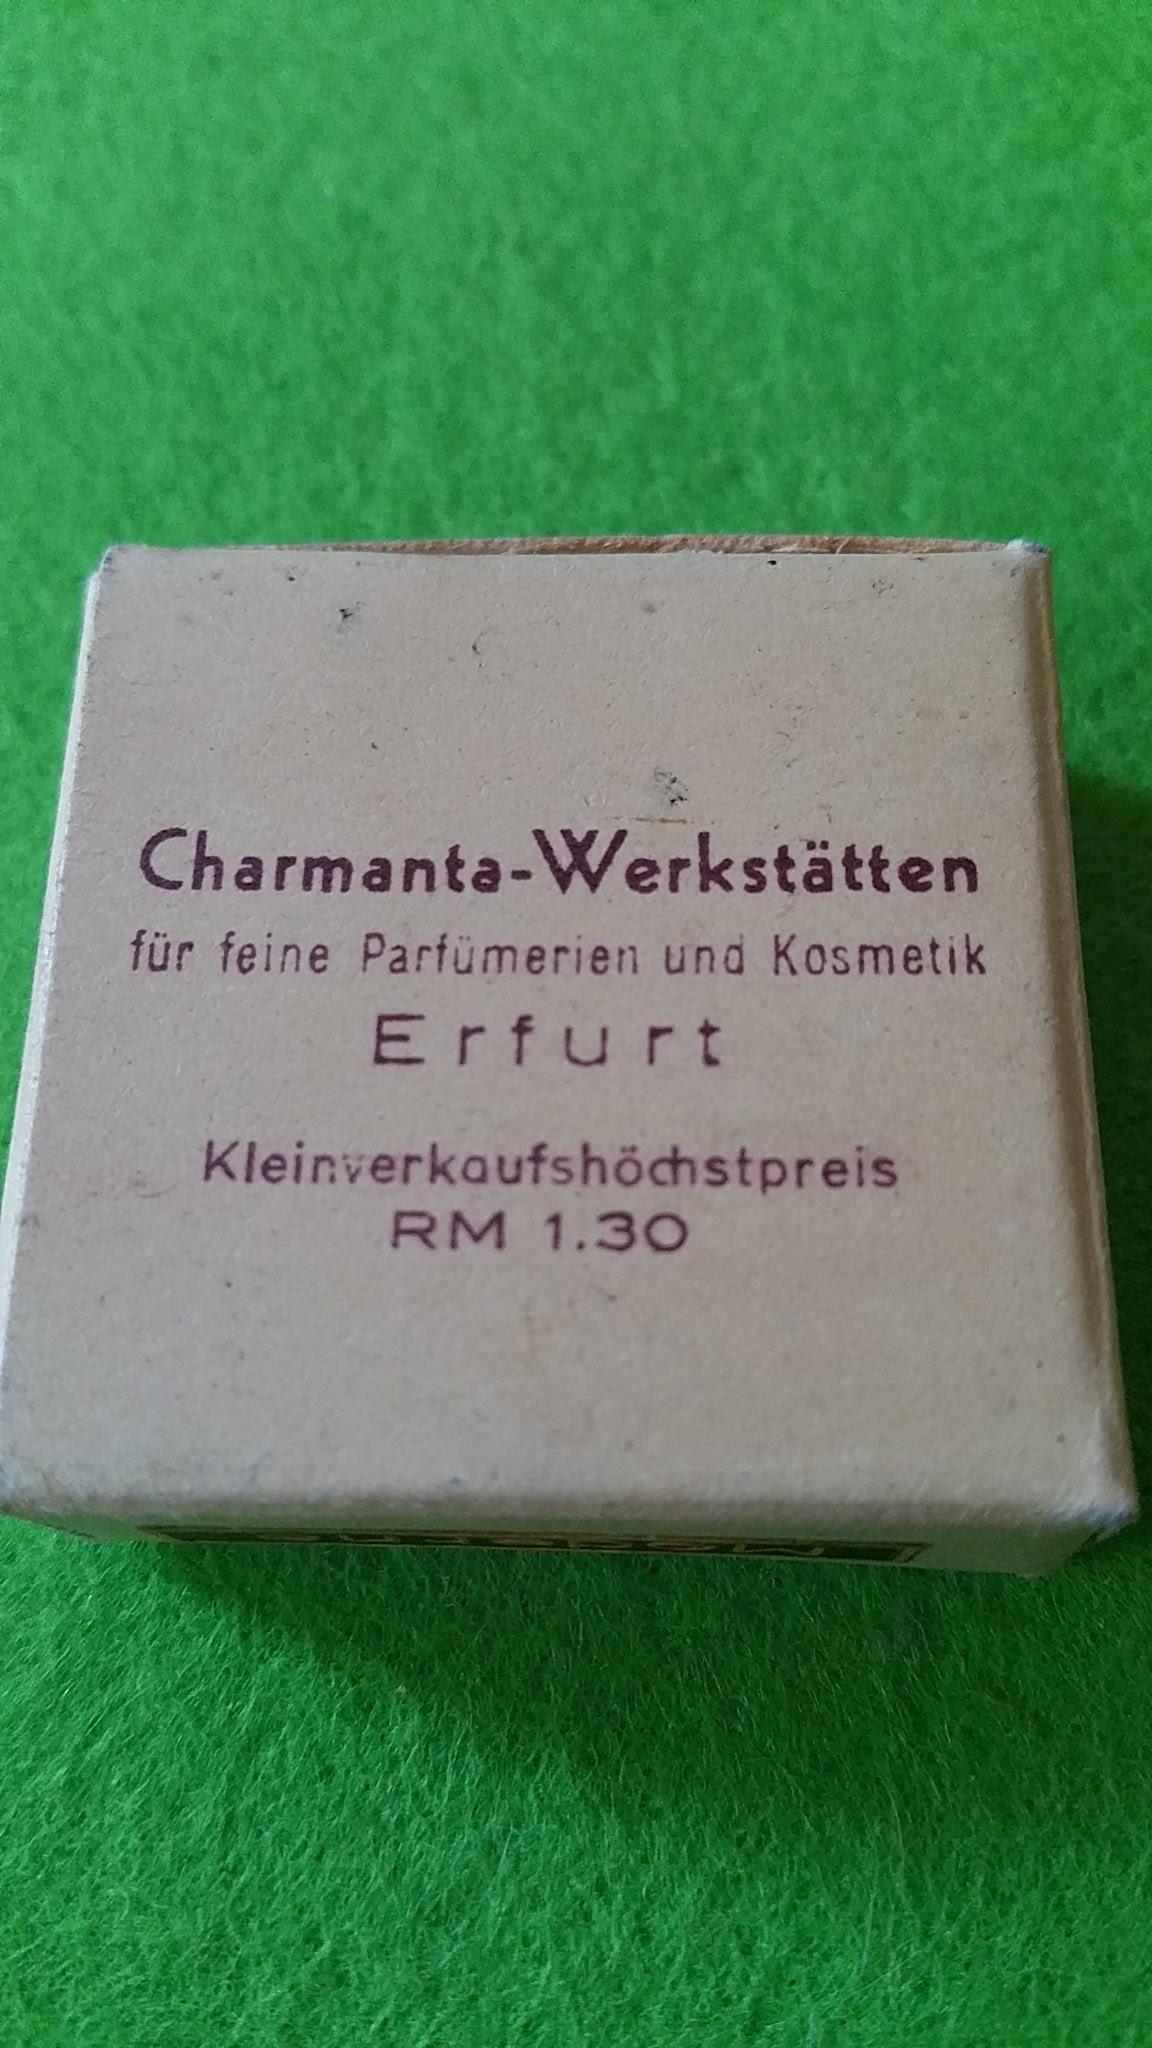 Charmanta Moderne Rouge, handgepreßt, Charmanta-Werkstätten in Erfurt